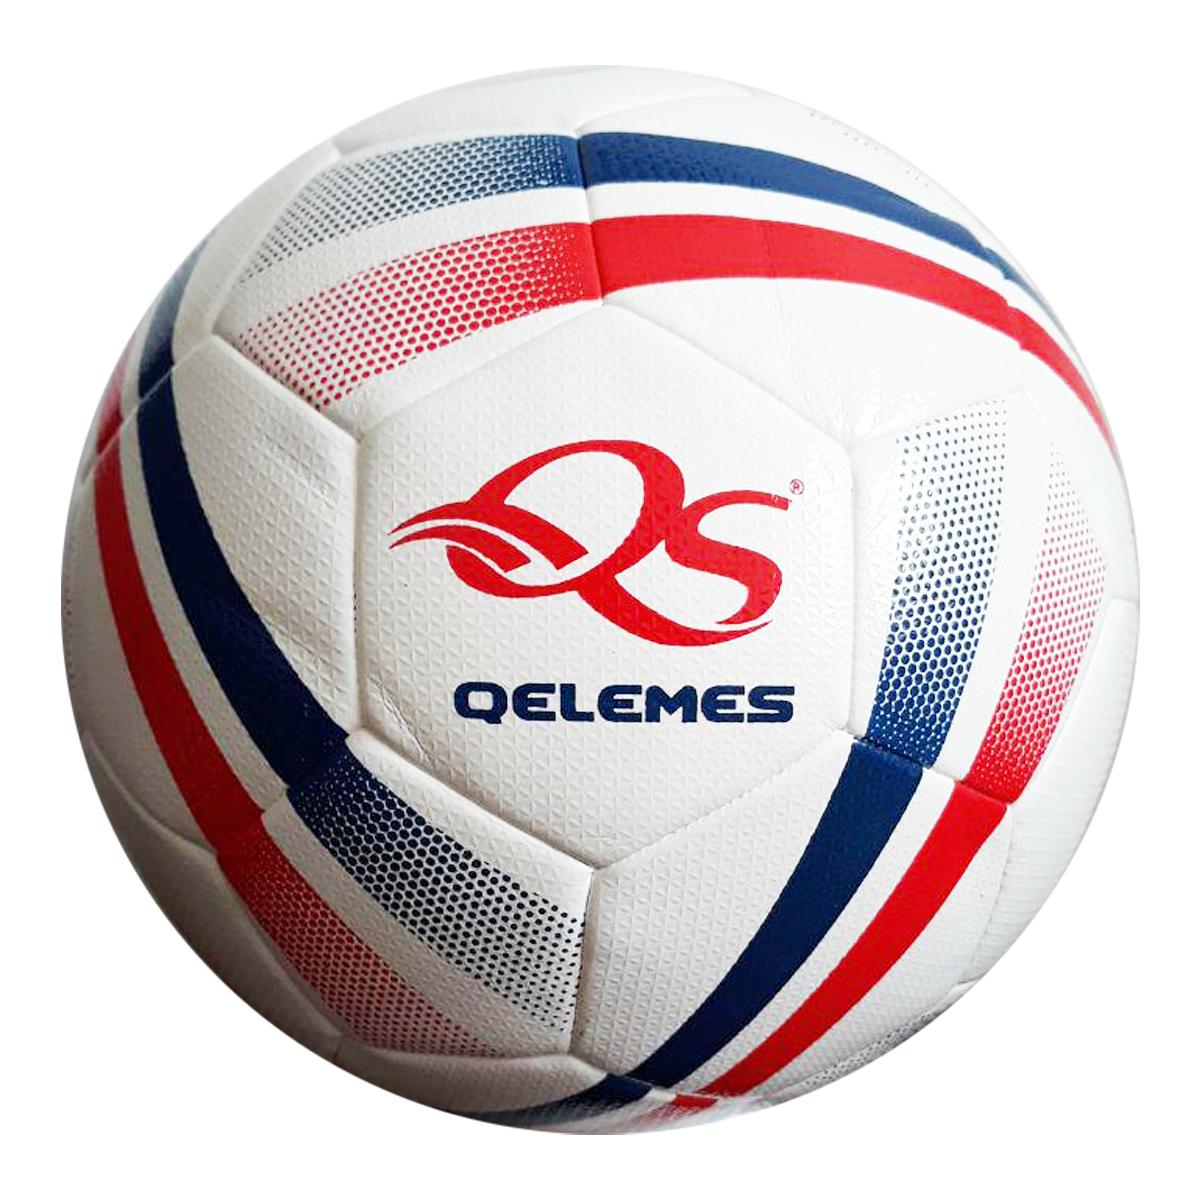 М'яч футбольний QS Qelemes Fifa Hybrid (Size 5)